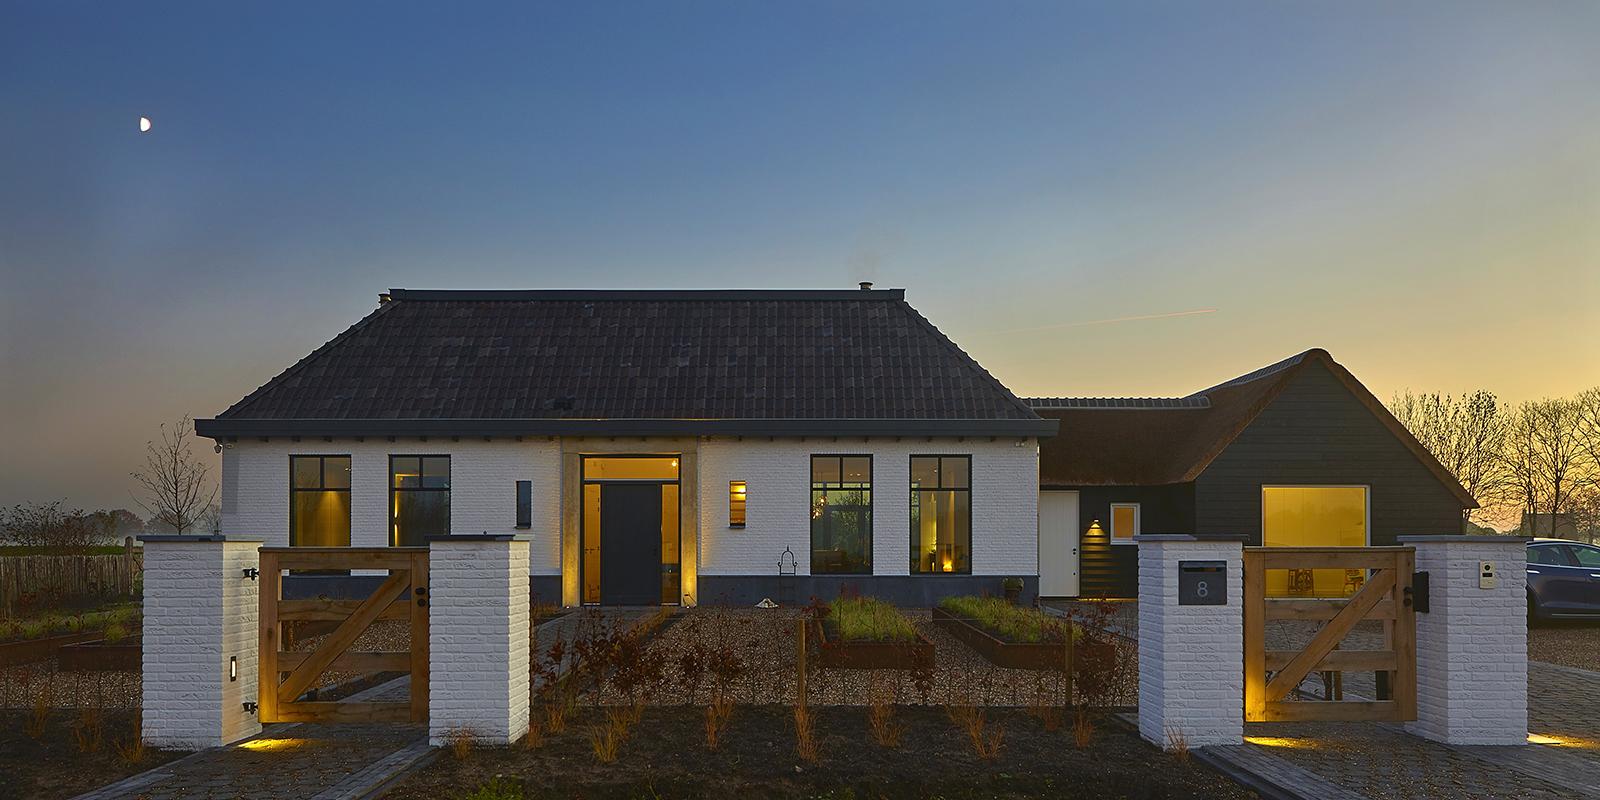 Landelijke stijl, Vermeer architecten, modern, villa